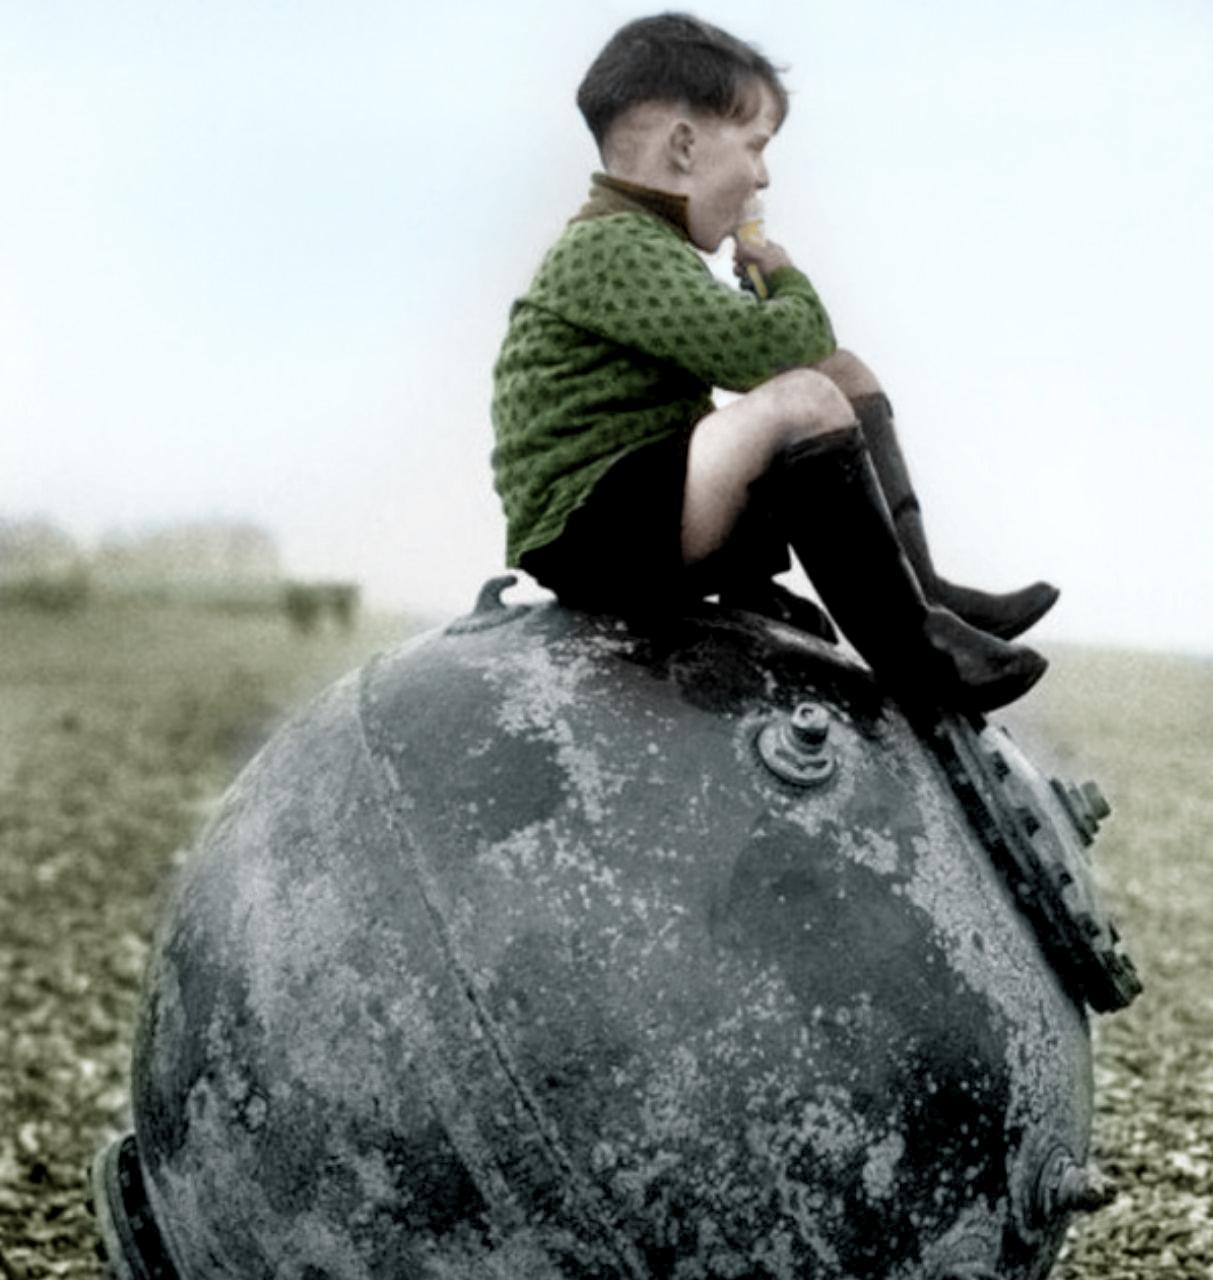 1945-Un-bambino-inglese-seduto-sopra-una-mina-marina-al-termine-della-guerra-color